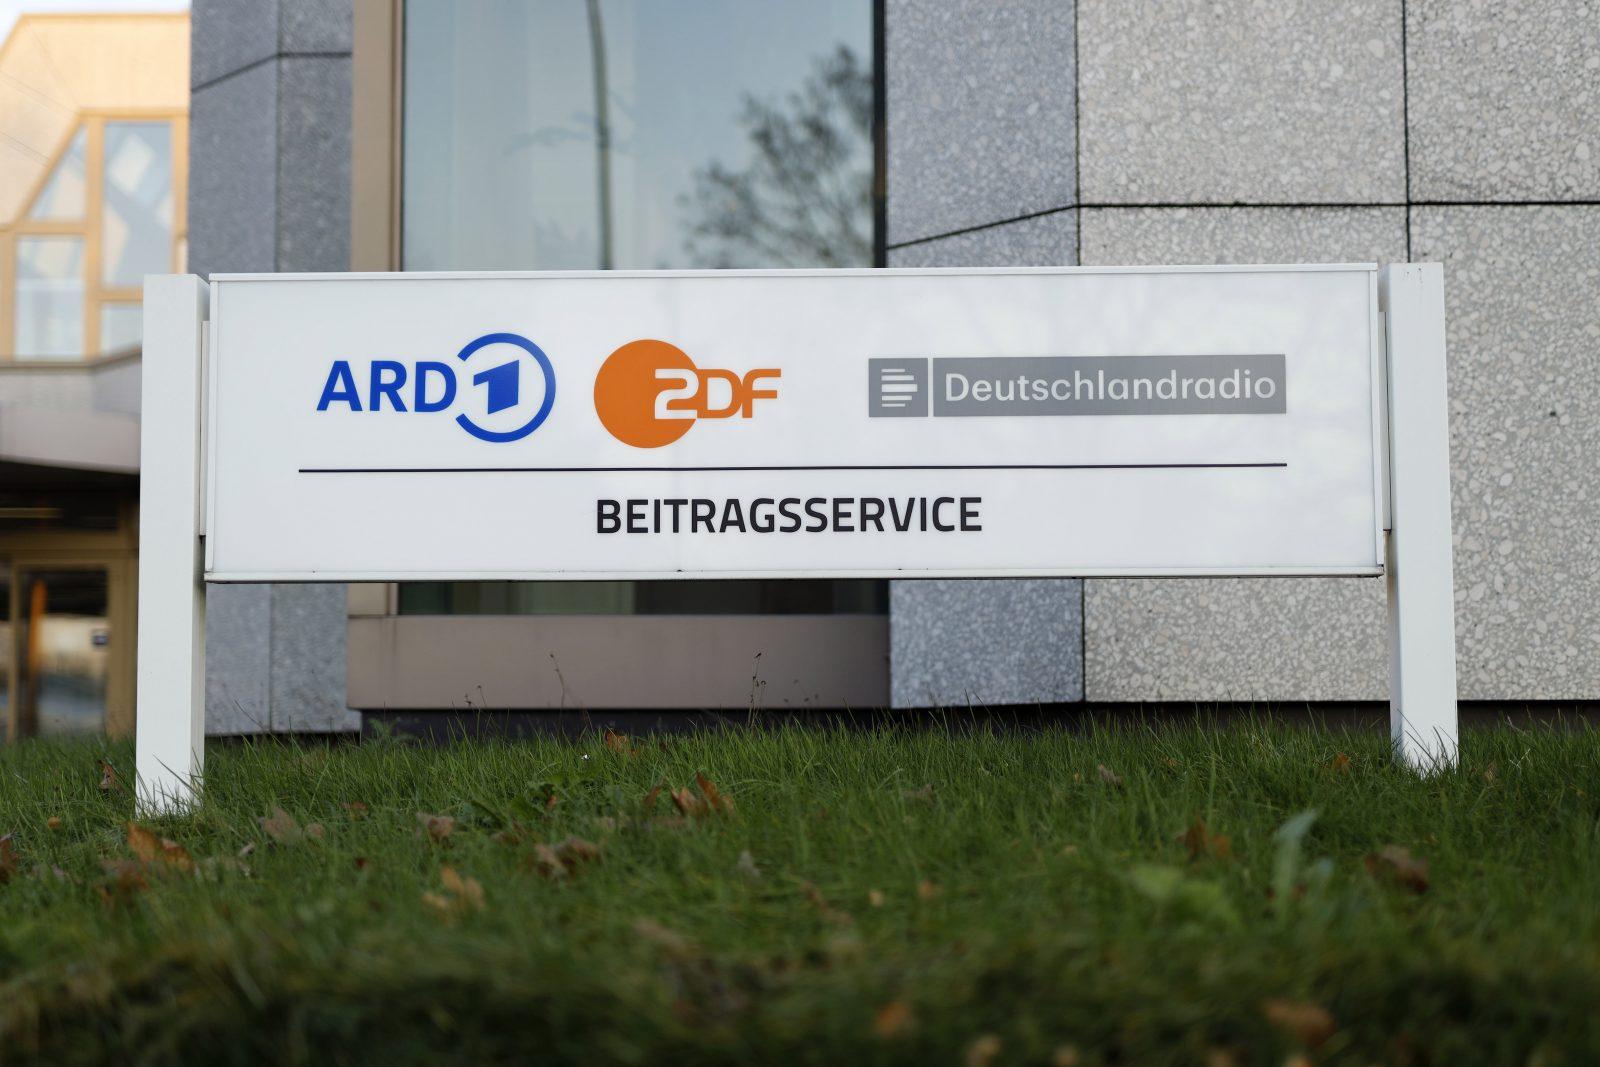 Der Eingang des Beitragsservice in Bocklemünd